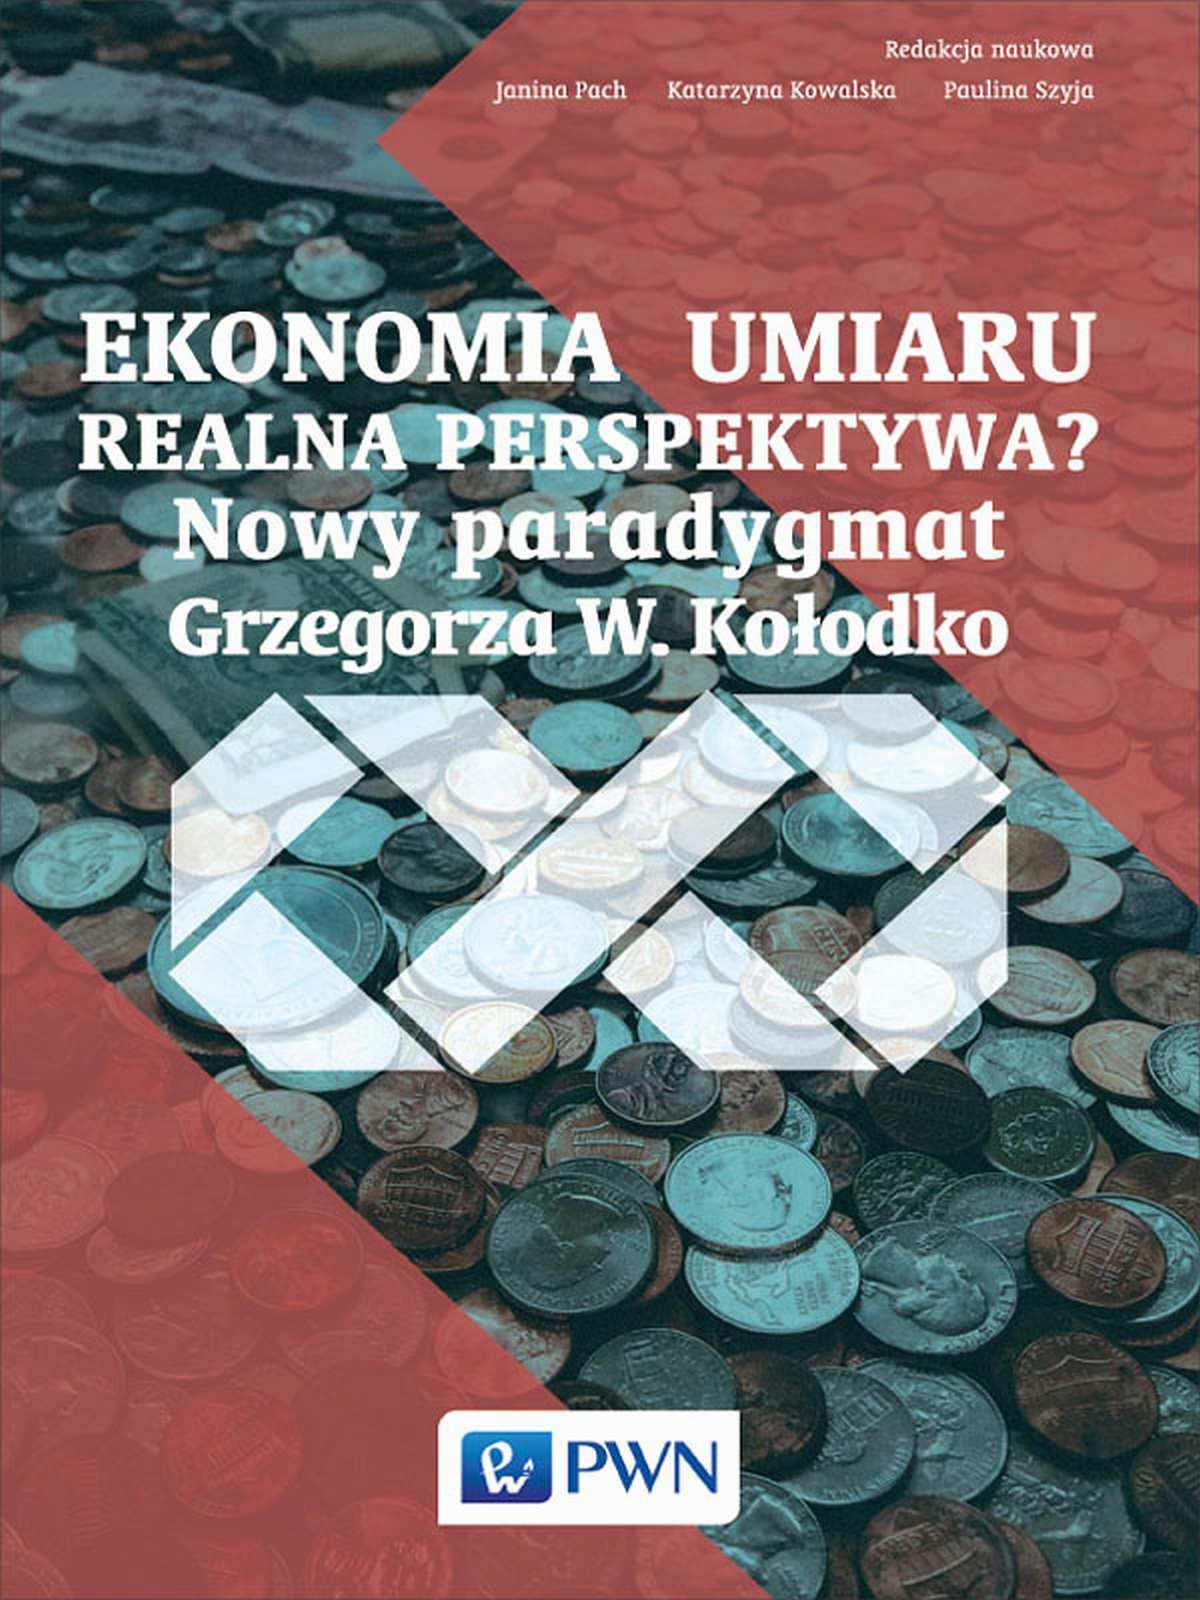 Ekonomia umiaru - realna perspektywa? Nowy Paradygmat Grzegorza W. Kołodko - Ebook (Książka na Kindle) do pobrania w formacie MOBI